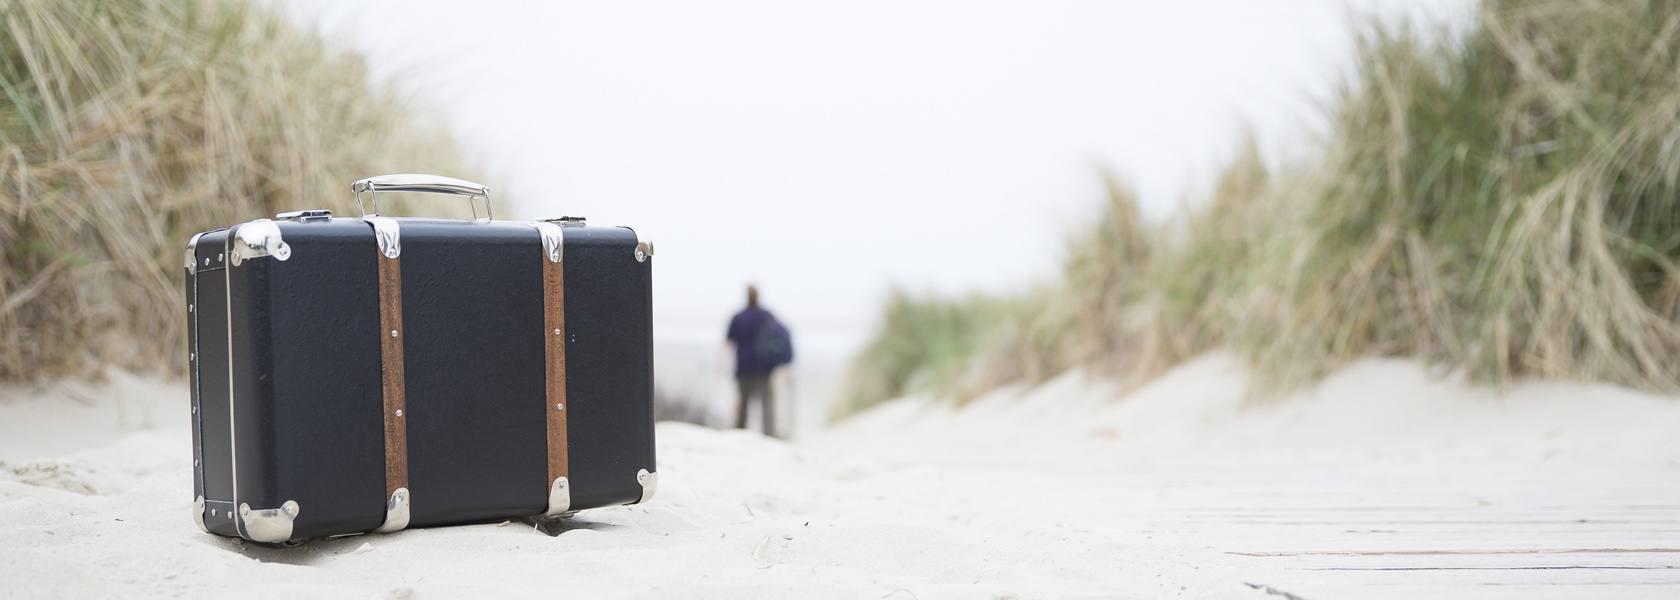 Koffer in den Dünen, © Martin Stöver